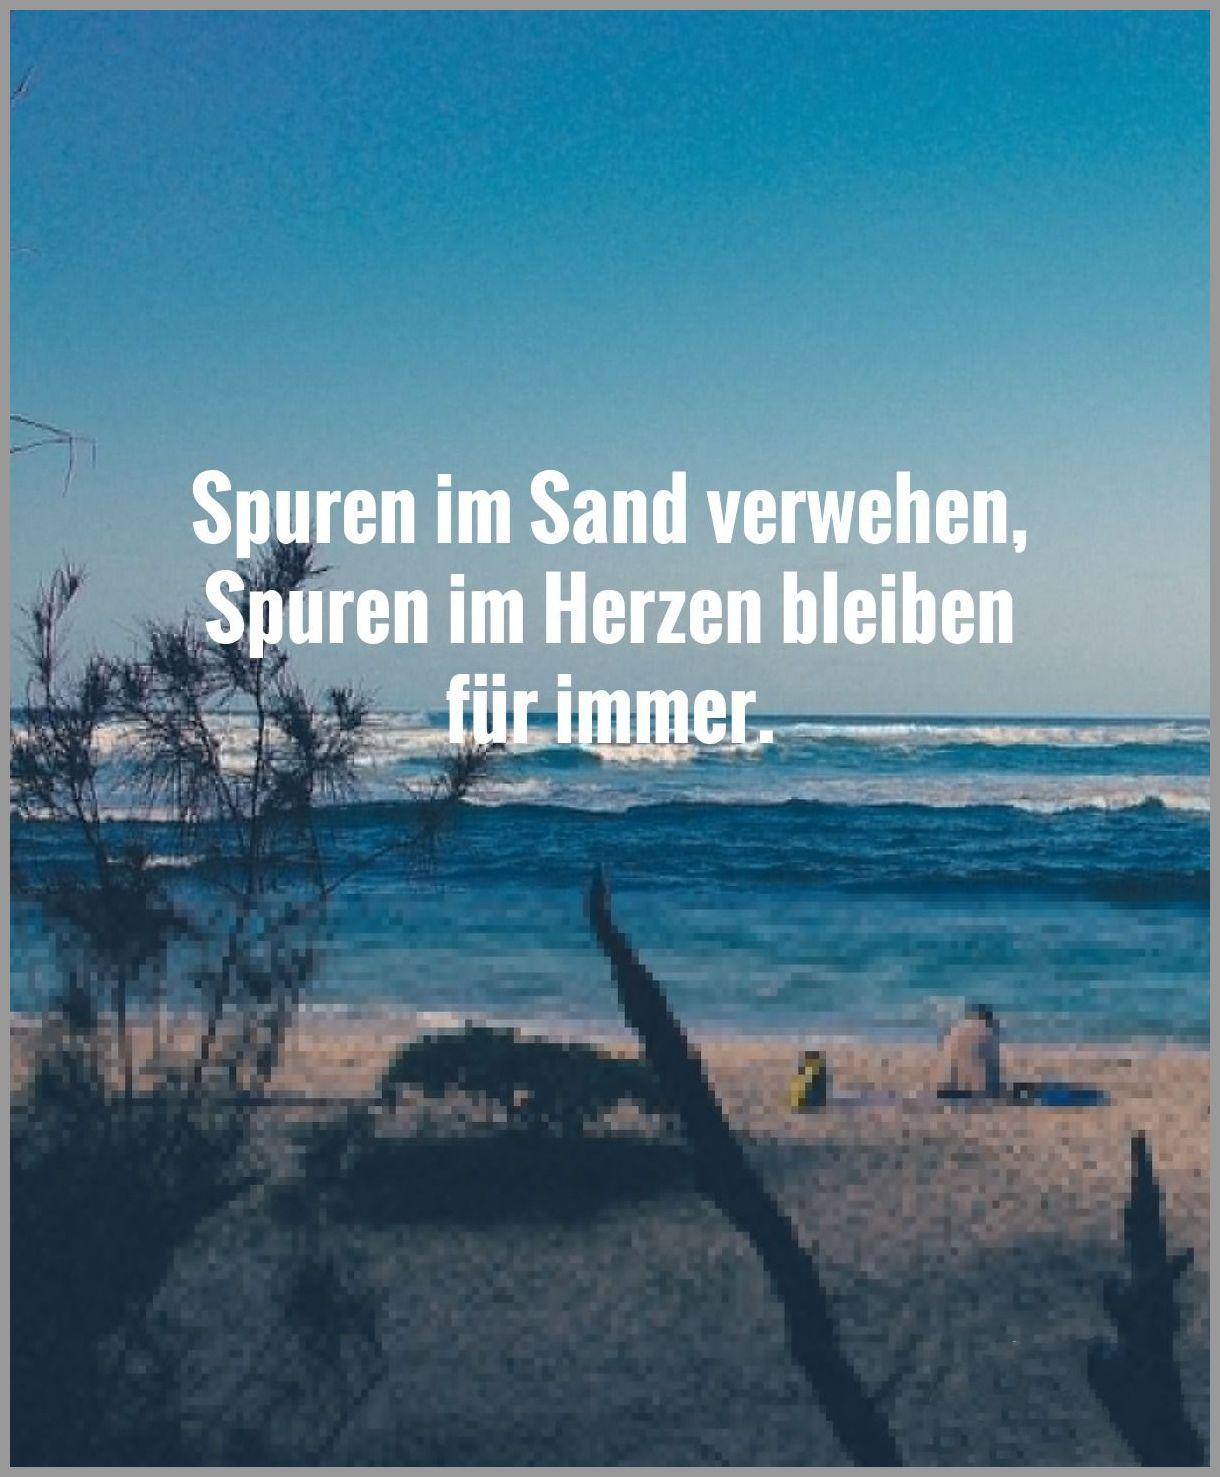 Spuren im sand verwehen spuren im herzen bleiben fuer immer - Spuren im sand verwehen spuren im herzen bleiben fuer immer